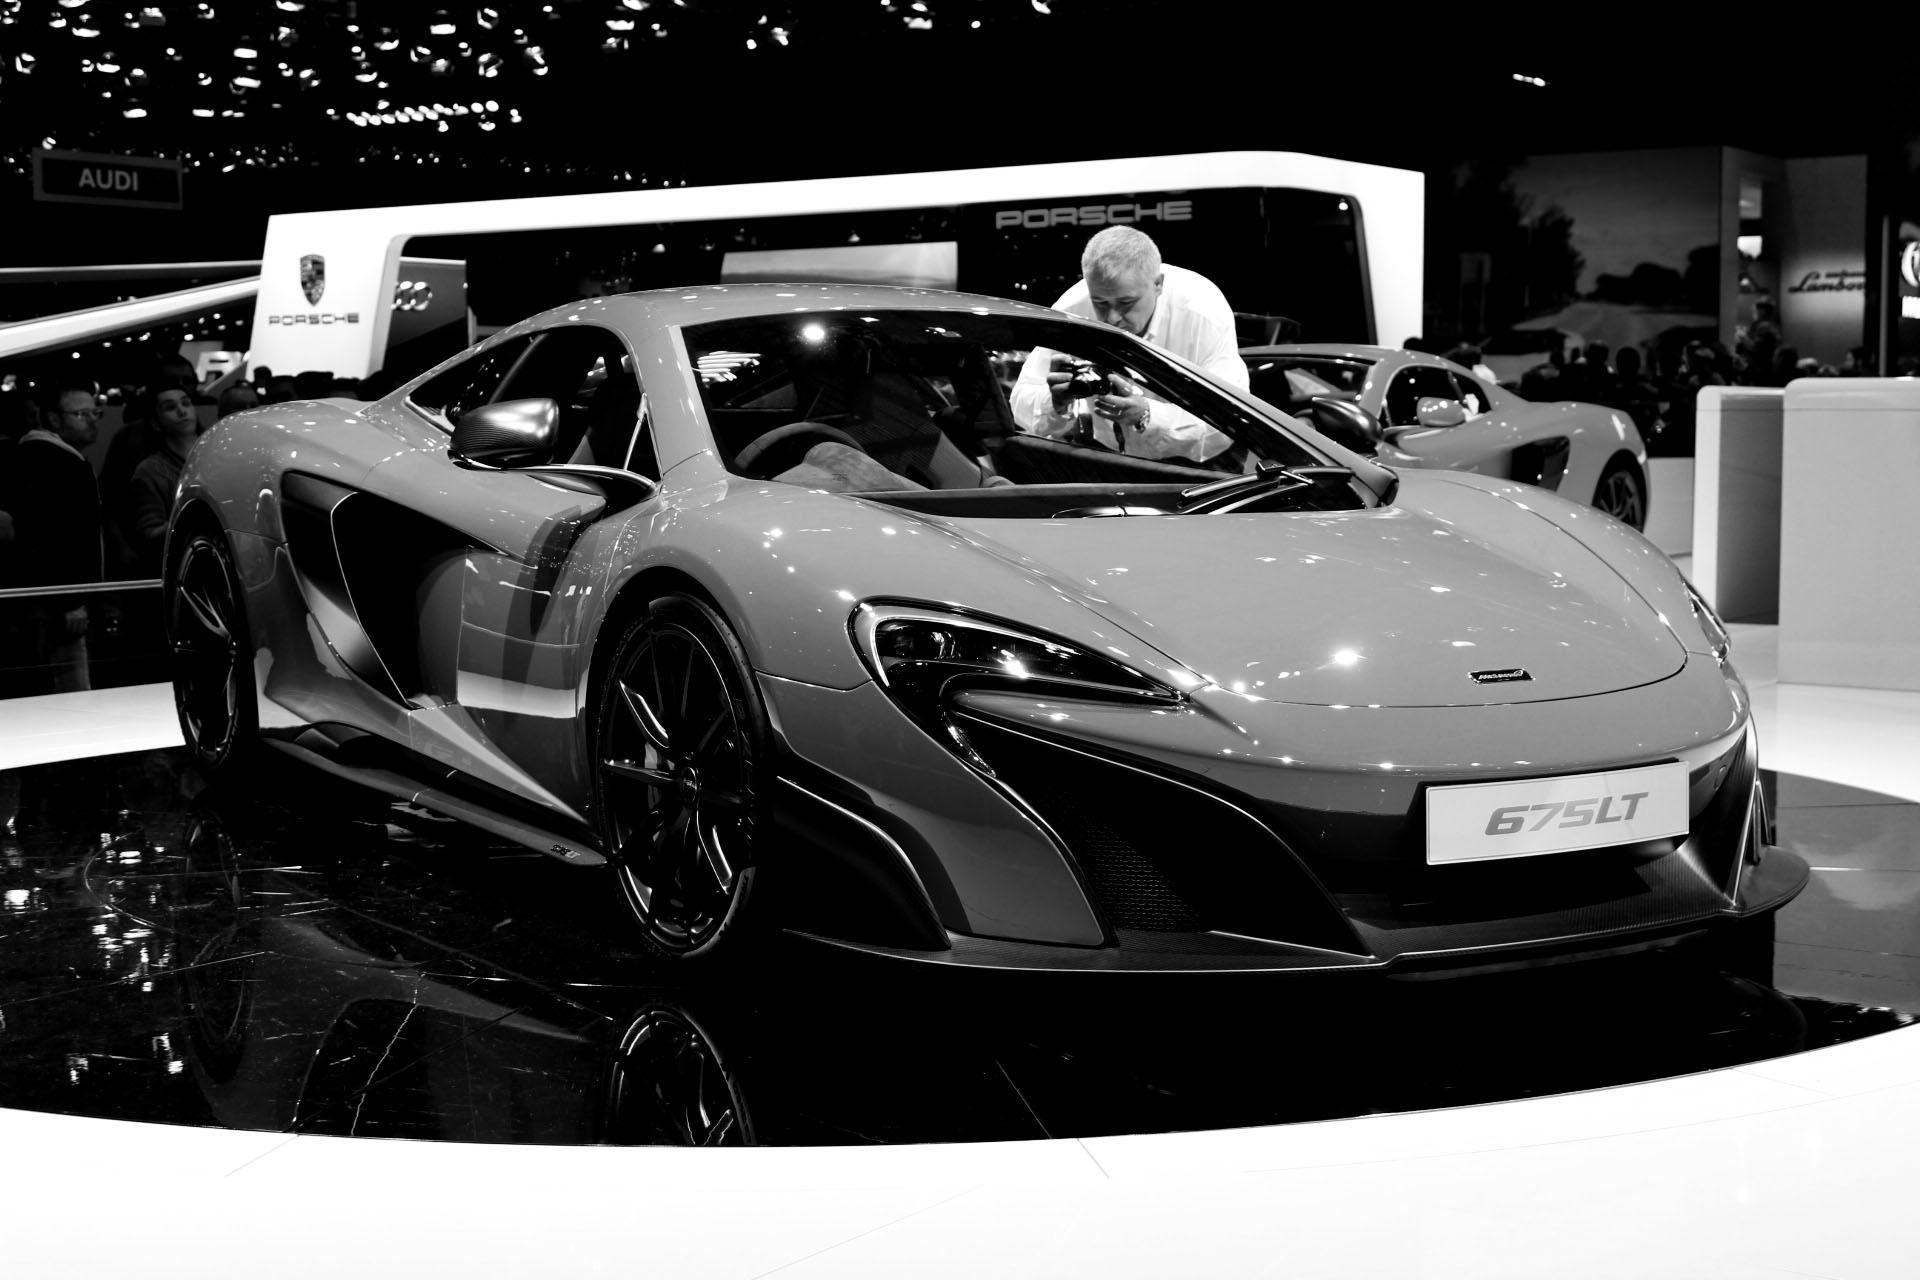 McLaren 670s It